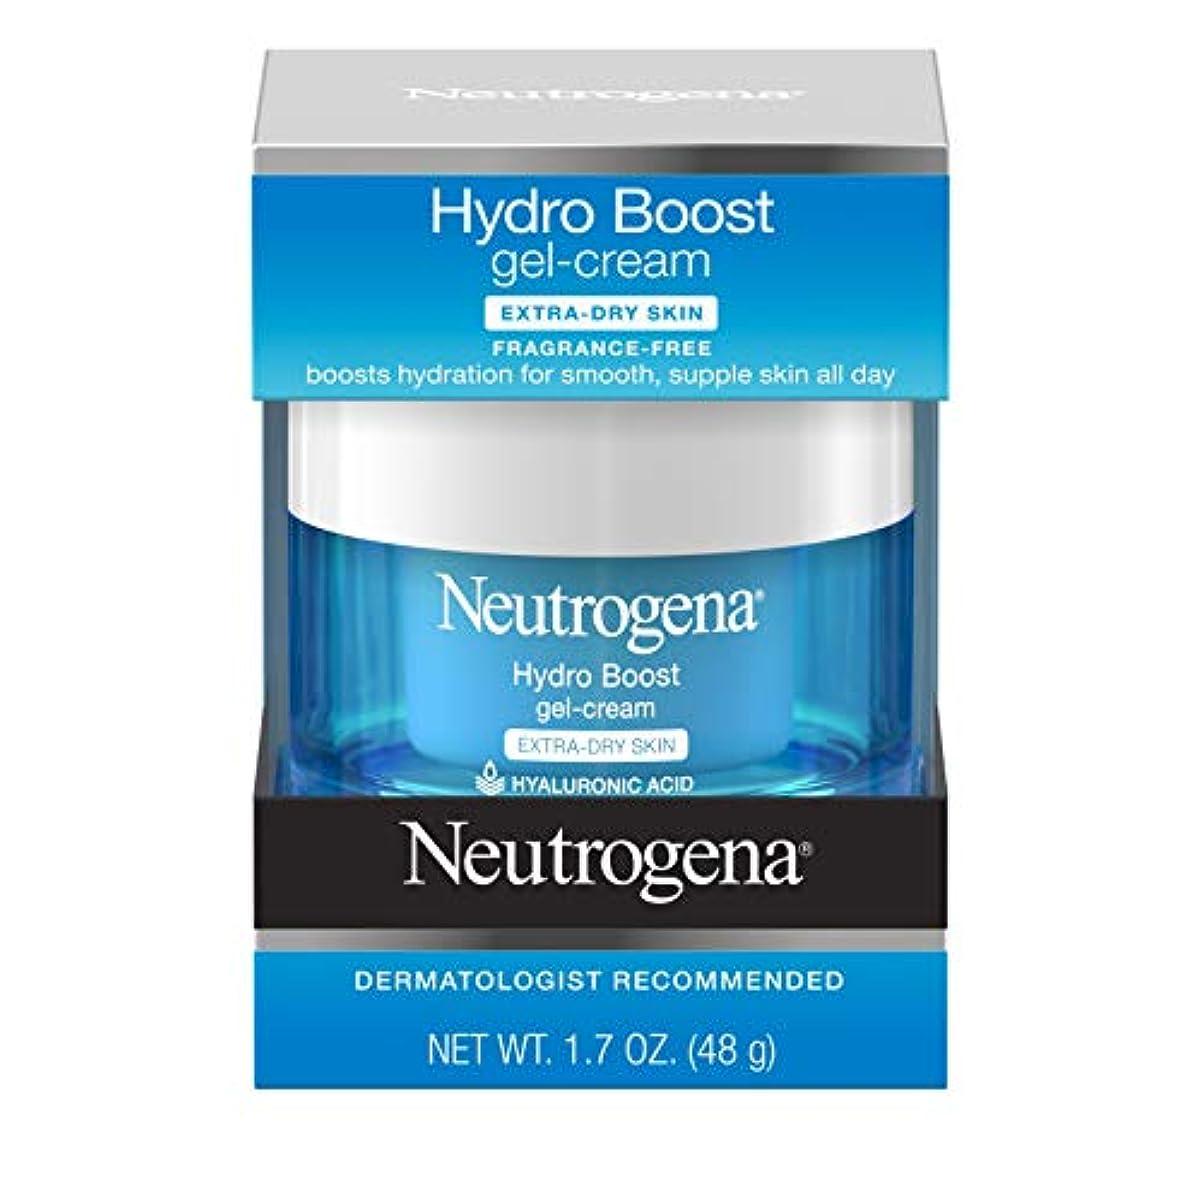 騒ぎ魔法とティームNeutrogena Hydro Boost Gel Cream, Extra Dry Skin, 1.7 Ounce  海外直送品?並行輸入品